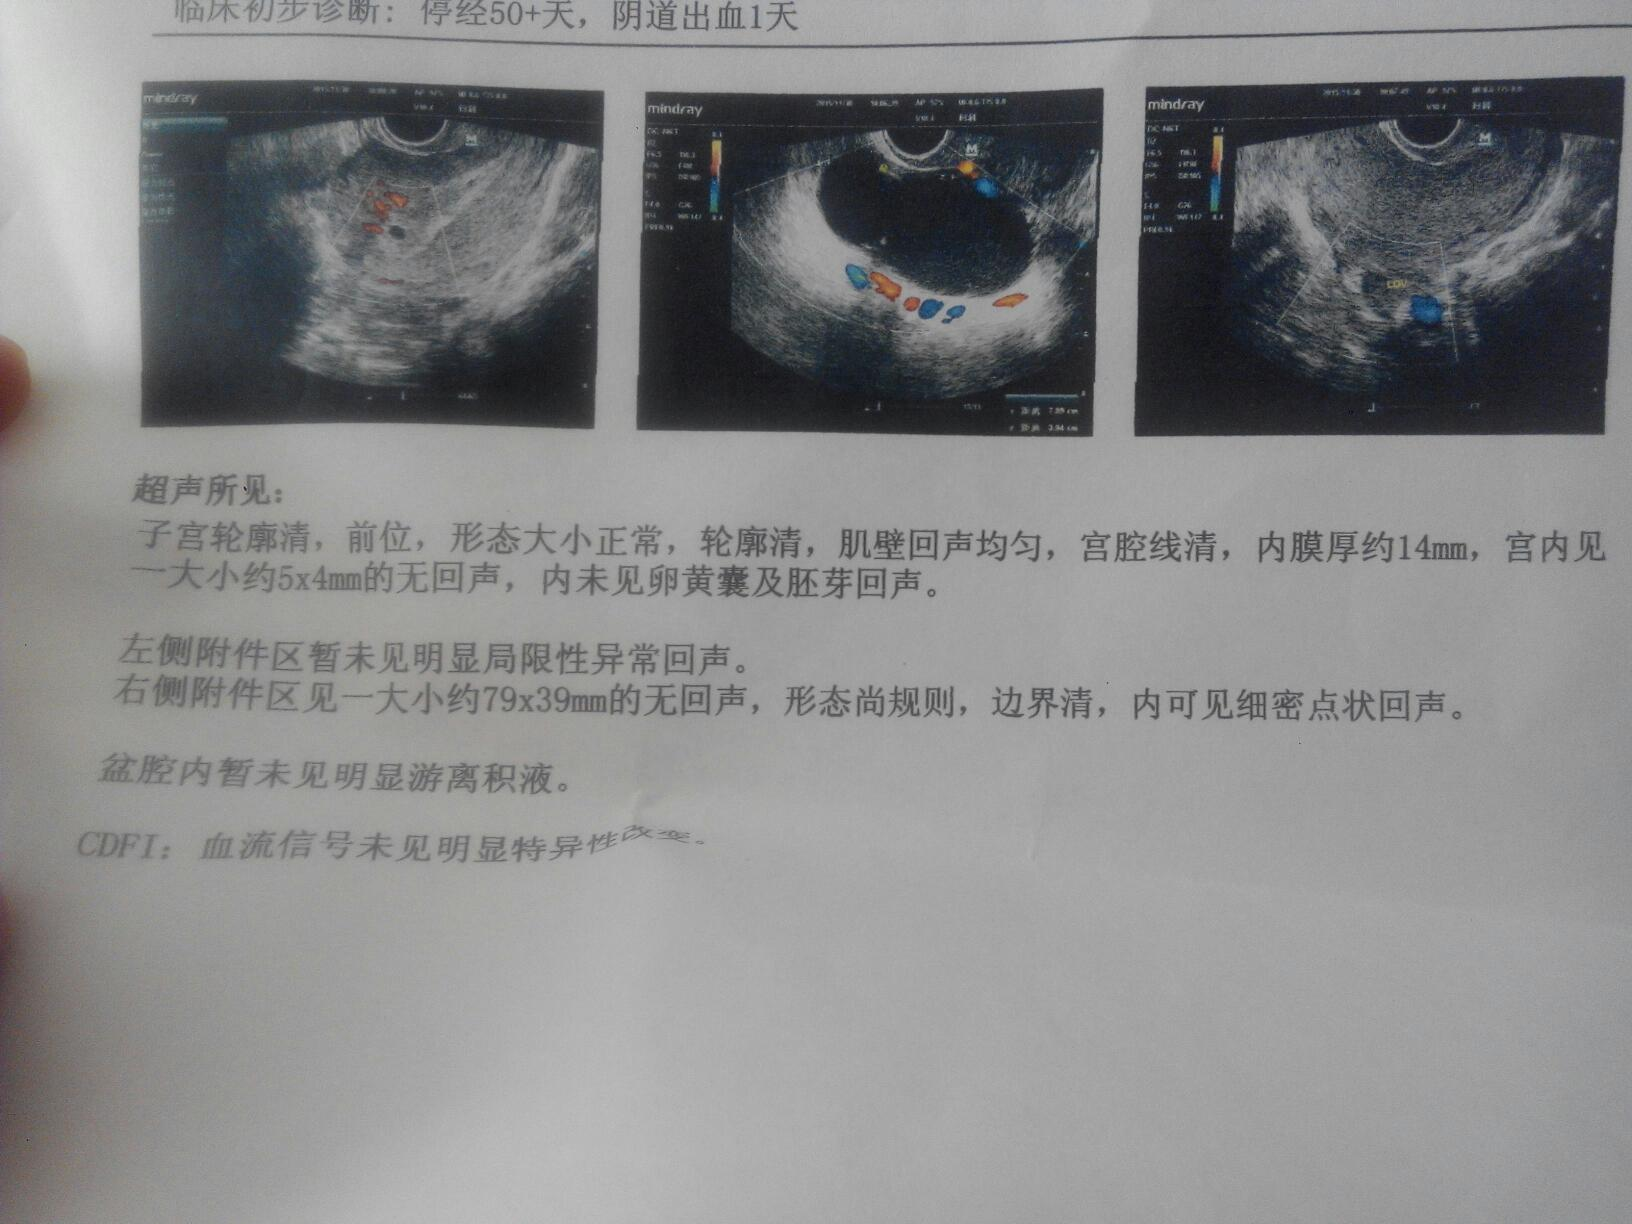 阴超_前两天去医院做了白带和阴超,第二天就发现下面有一点